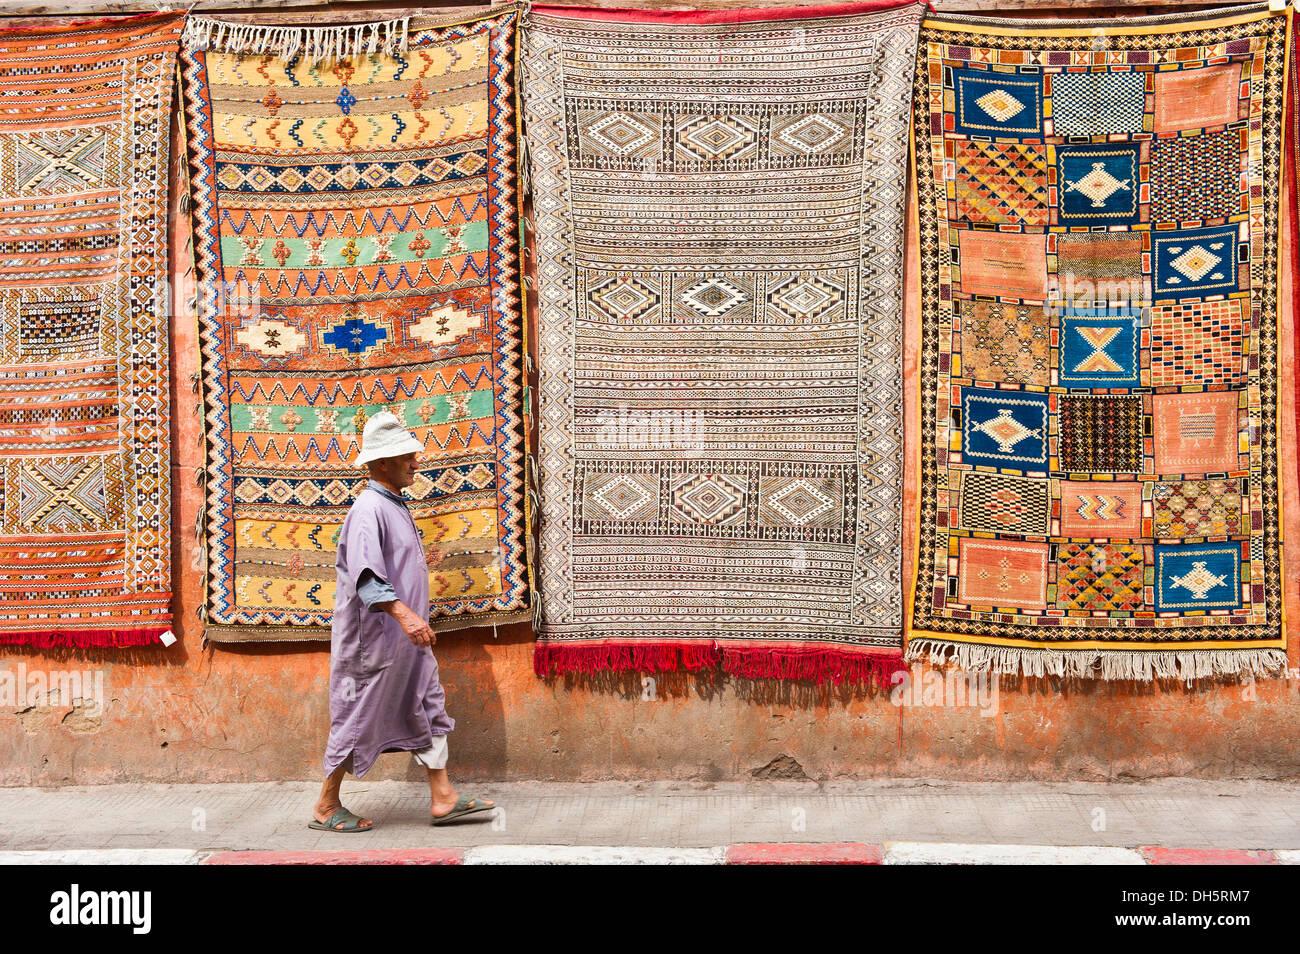 Las alfombras o tapetes con símbolos árabes y bereberes y patrones, colgando de una fachada para la venta, un anciano paseando djellabah Imagen De Stock